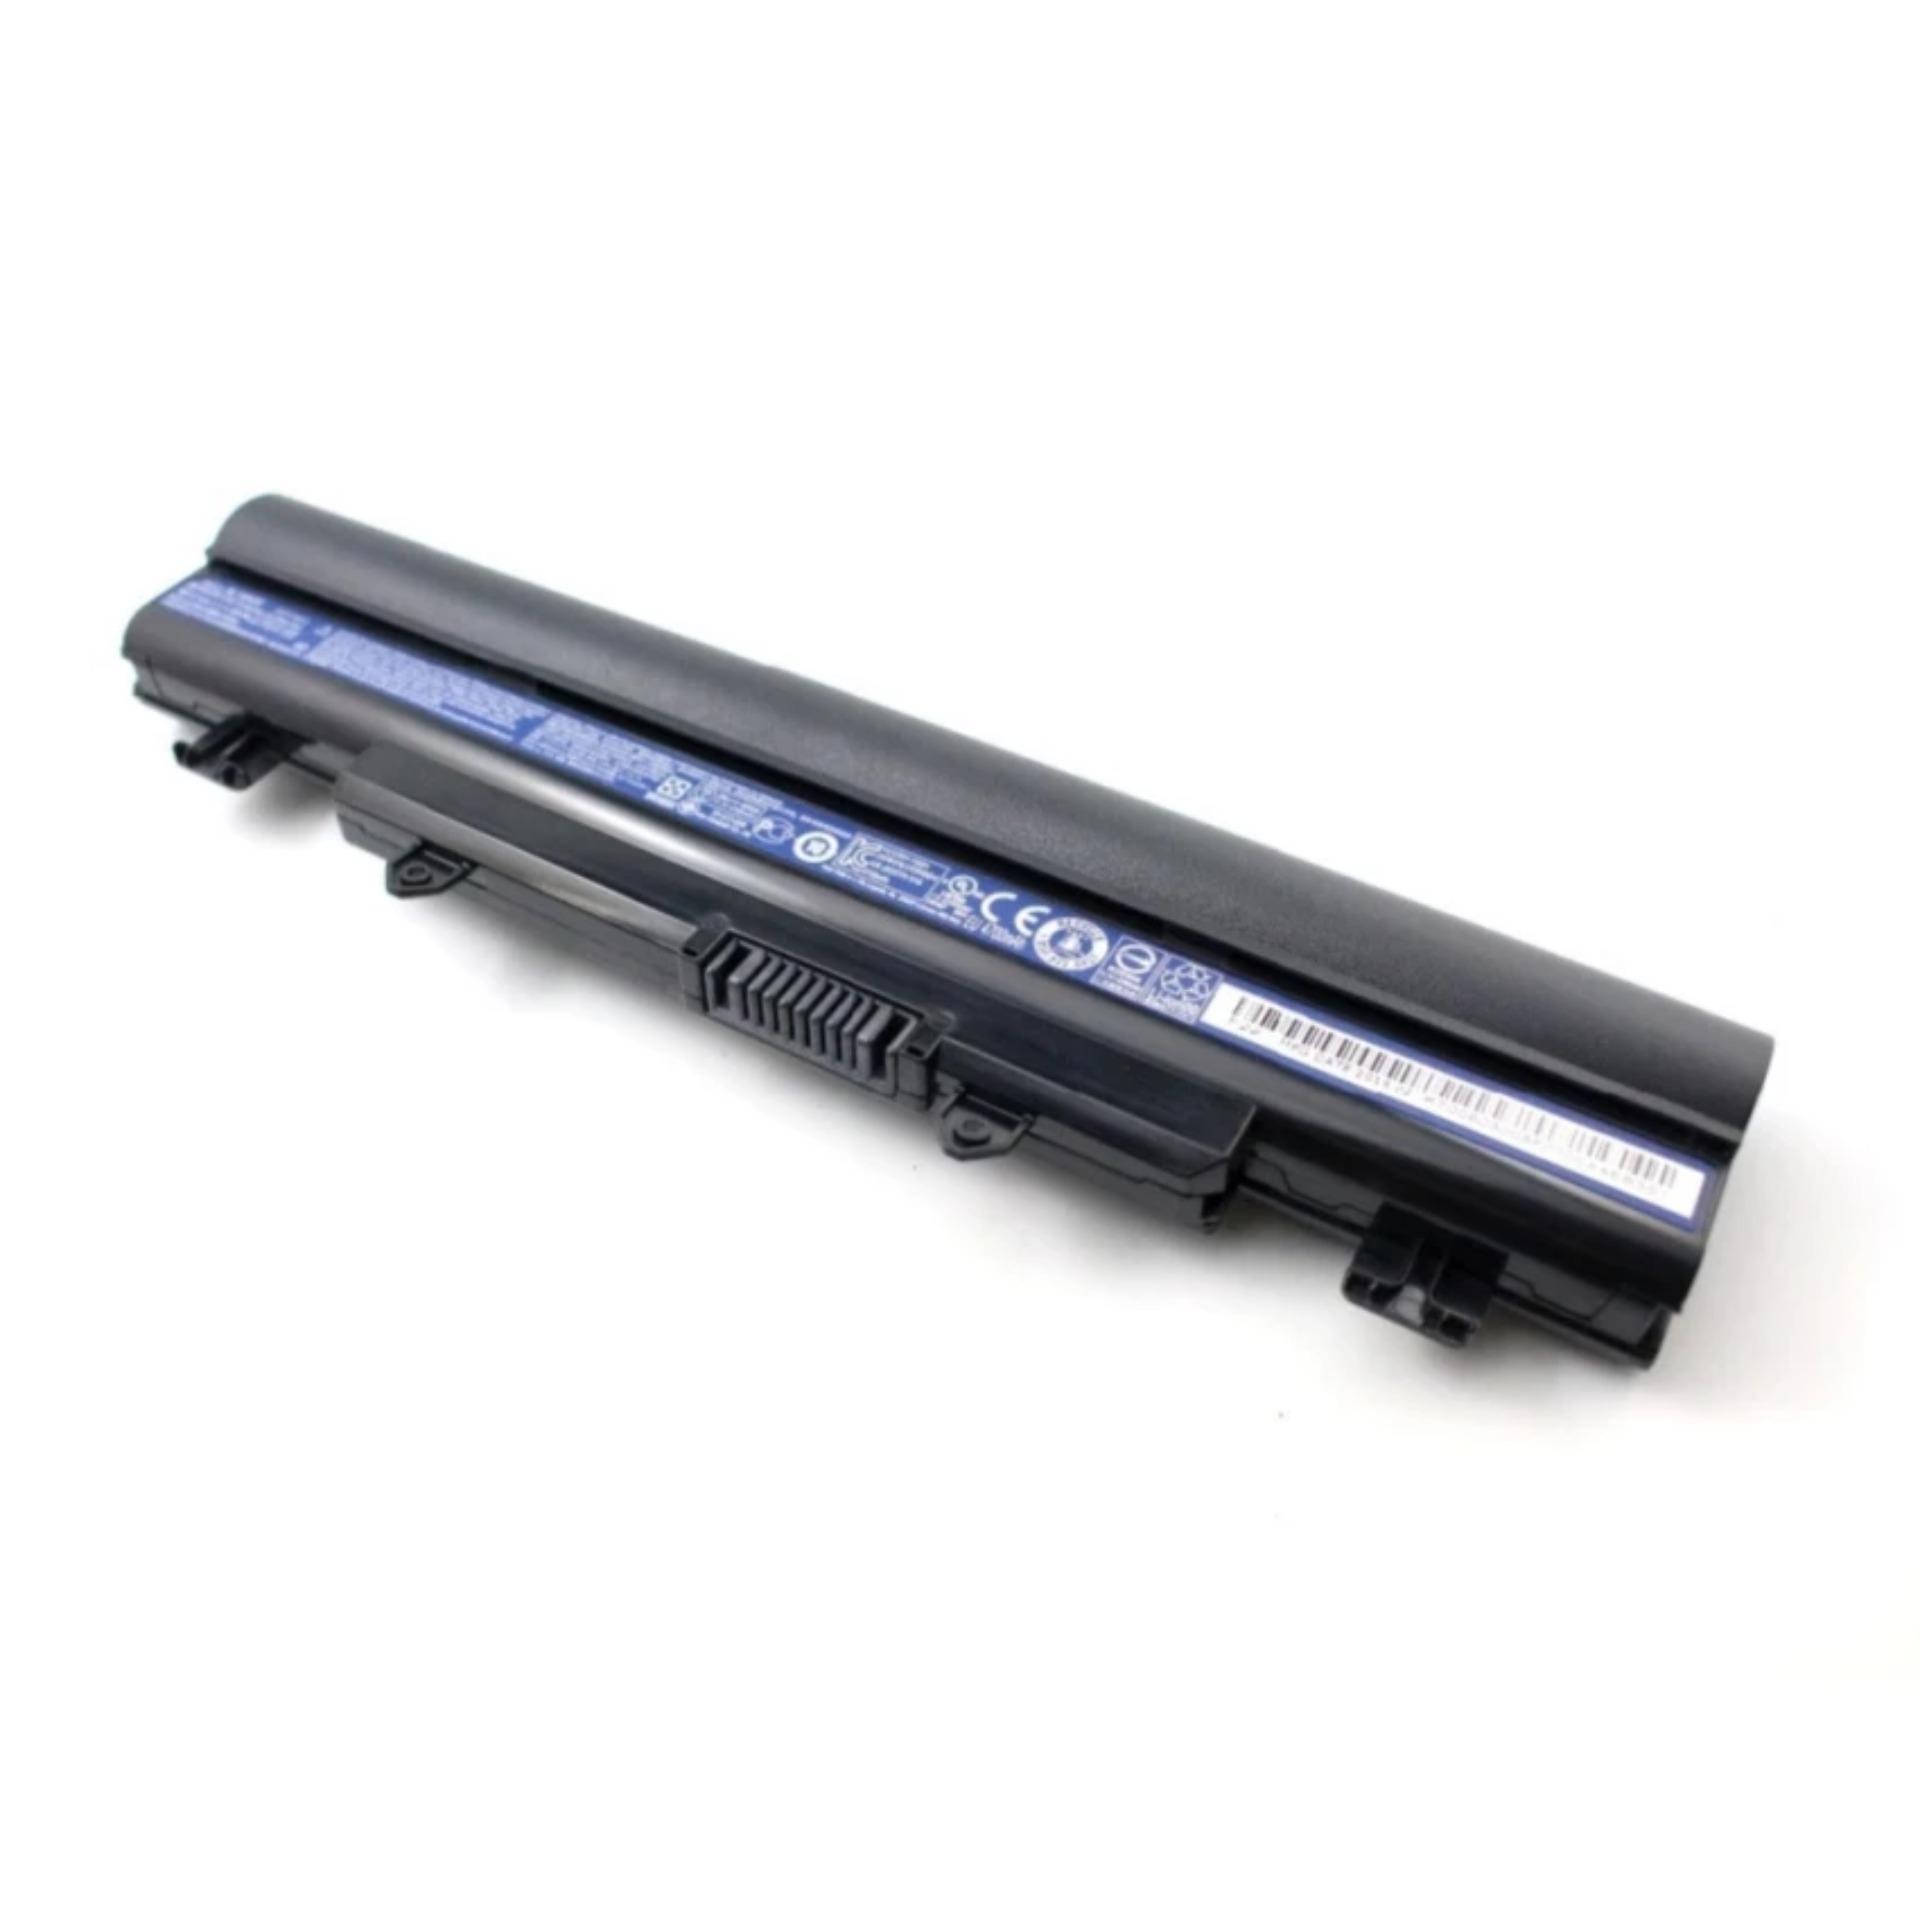 Baterai Laptop Original Acer Aspire E14 E15 Touch Series/ Aspire E5-411, E5-421 E5-471 E5-511 E5-521 E5-531 E5-551 E5-571, V3-472G V3-572P, V5-572 Series/ Extensa EX2509 EX2510 EX2510G Series/ Travelmate P246 P256 P276 Seies/ AL14A32